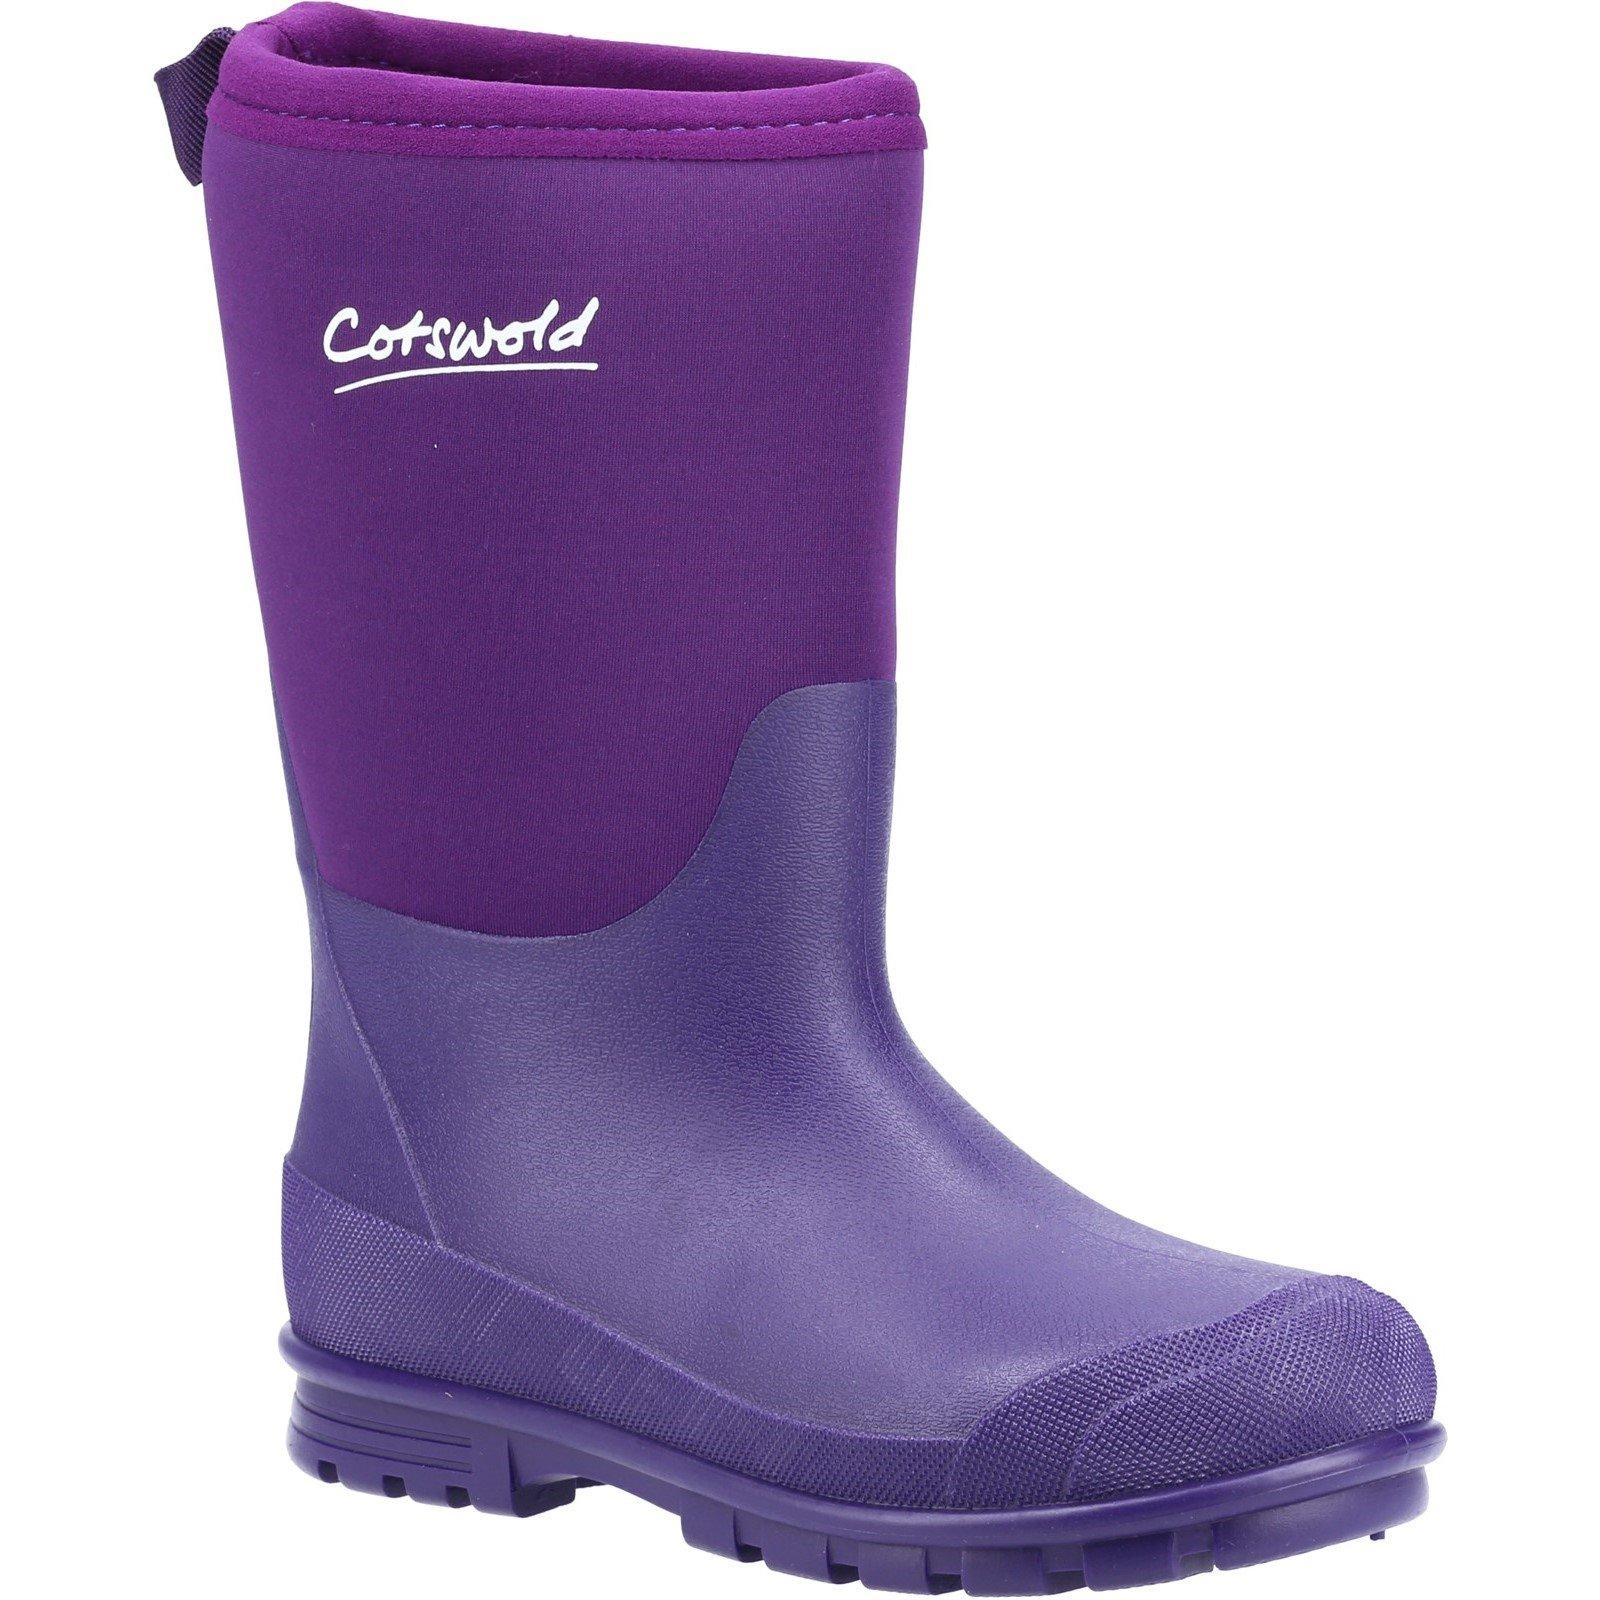 Cotswold Unisex Hilly Neoprene Wellington Boot Purple 31492 - Purple 10